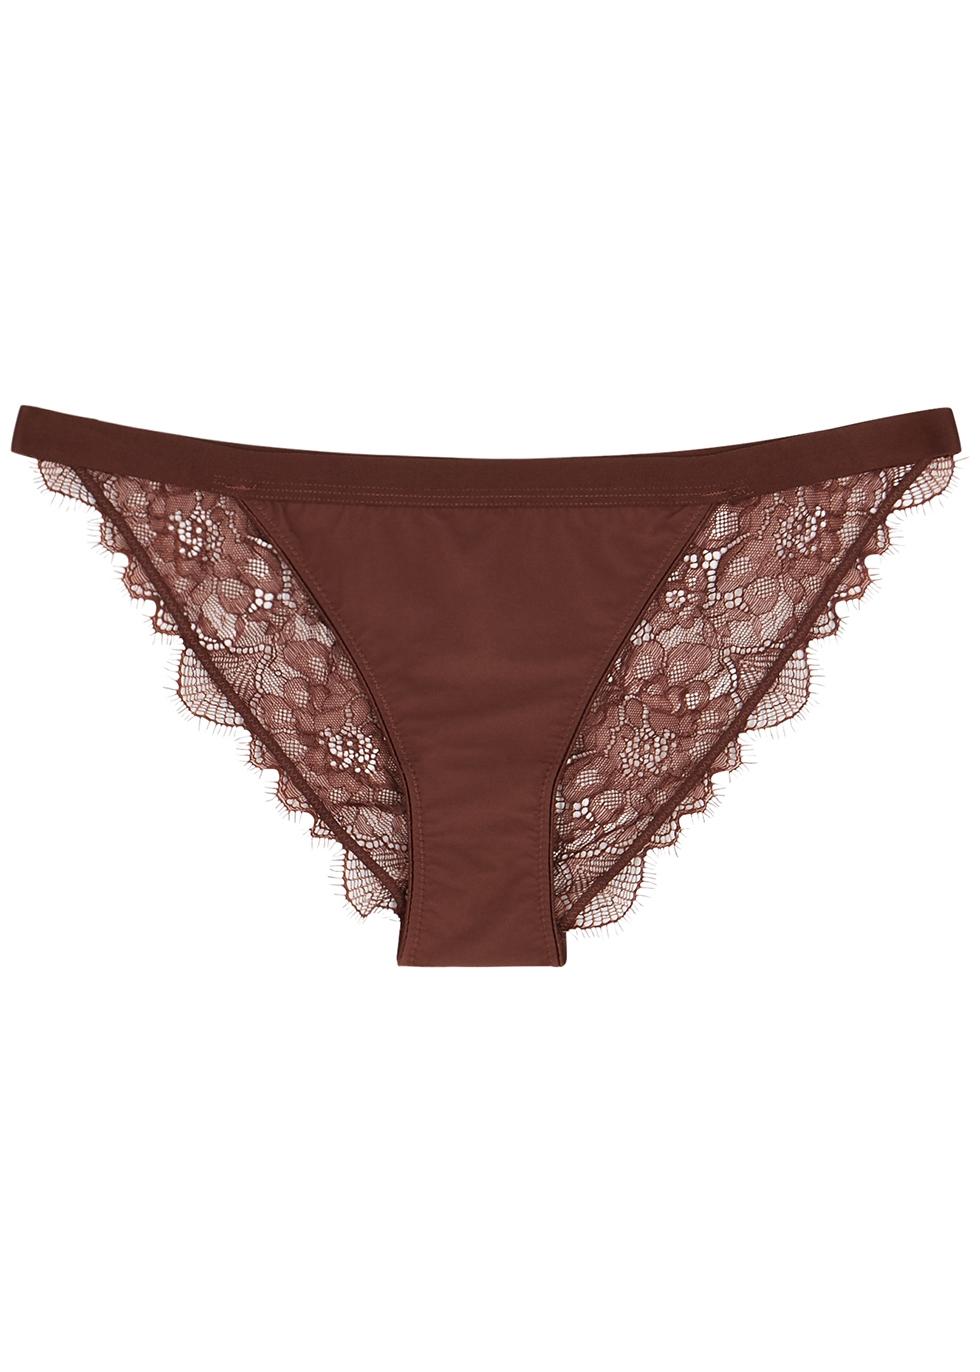 Wild Rose dark brown lace briefs